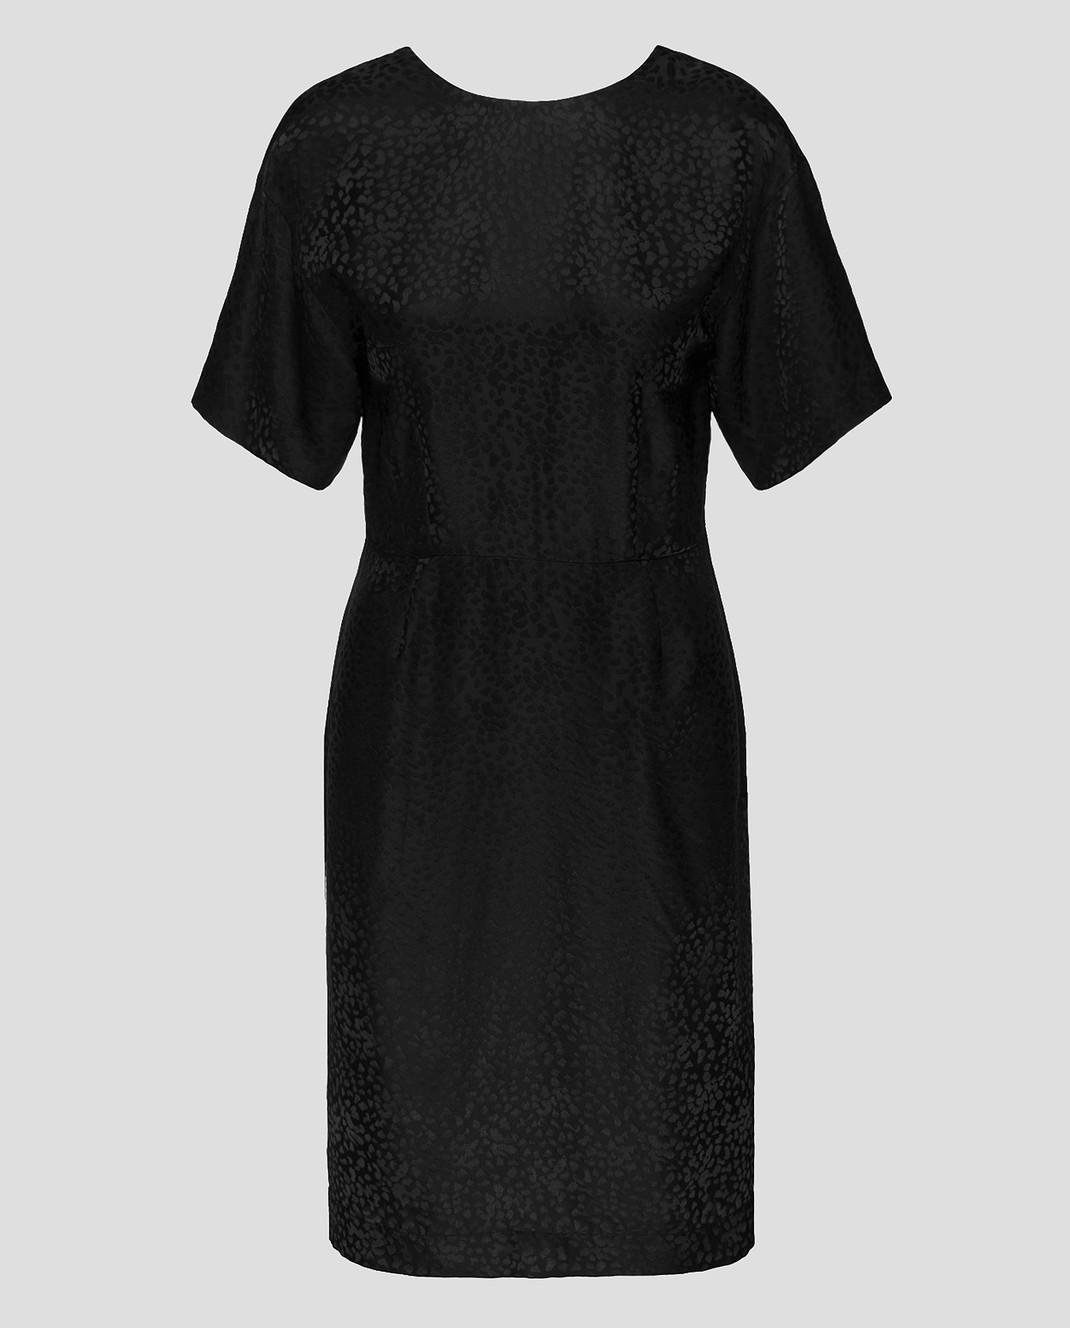 Alexander Terekhov Черное платье из шелка изображение 1